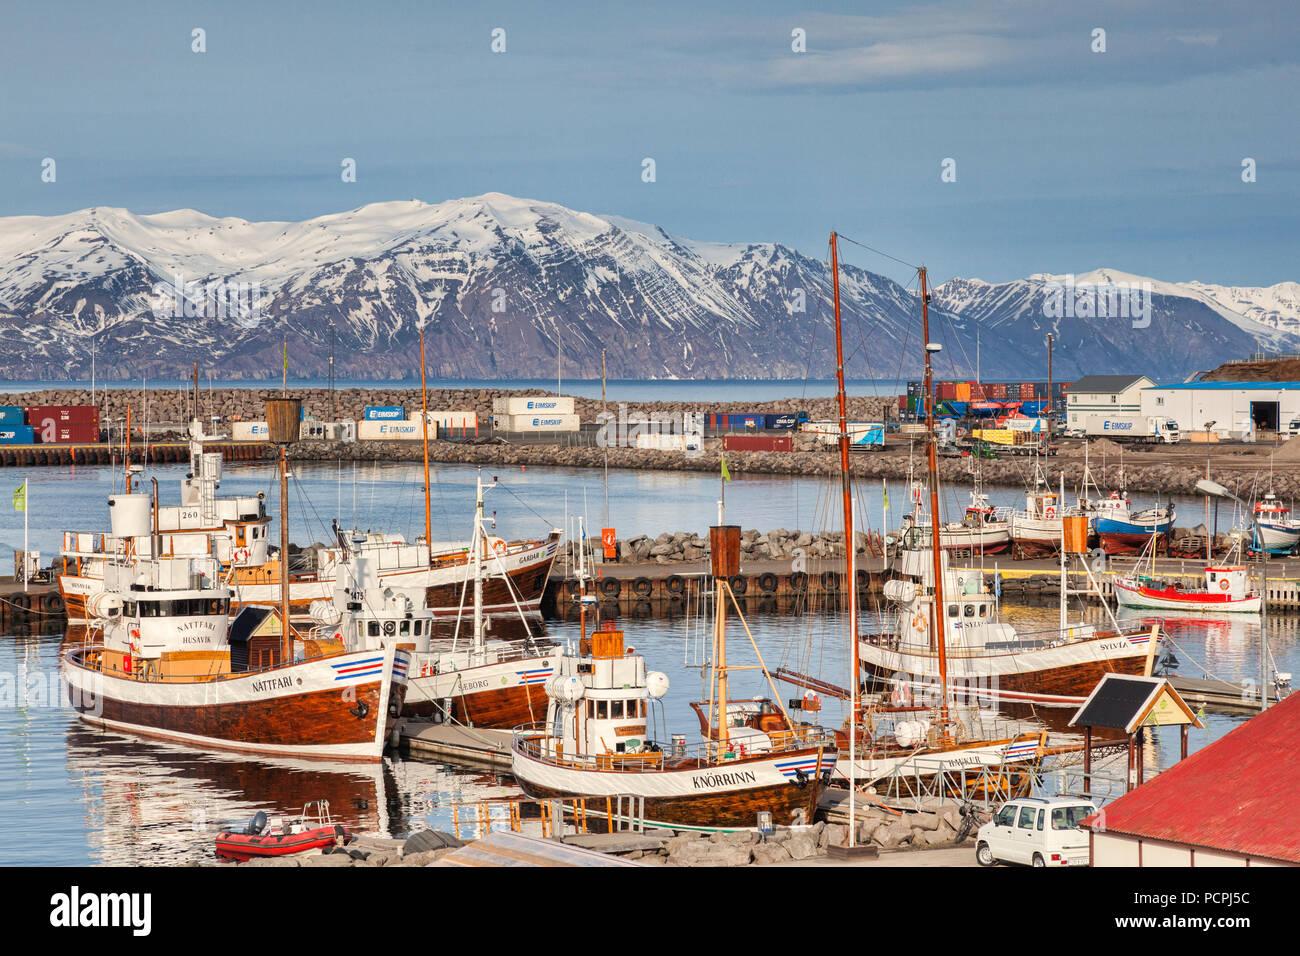 13. April 2018: Husavik, North Island - Whale watching Boote im Hafen an einem strahlenden Frühlingstag. Stockbild